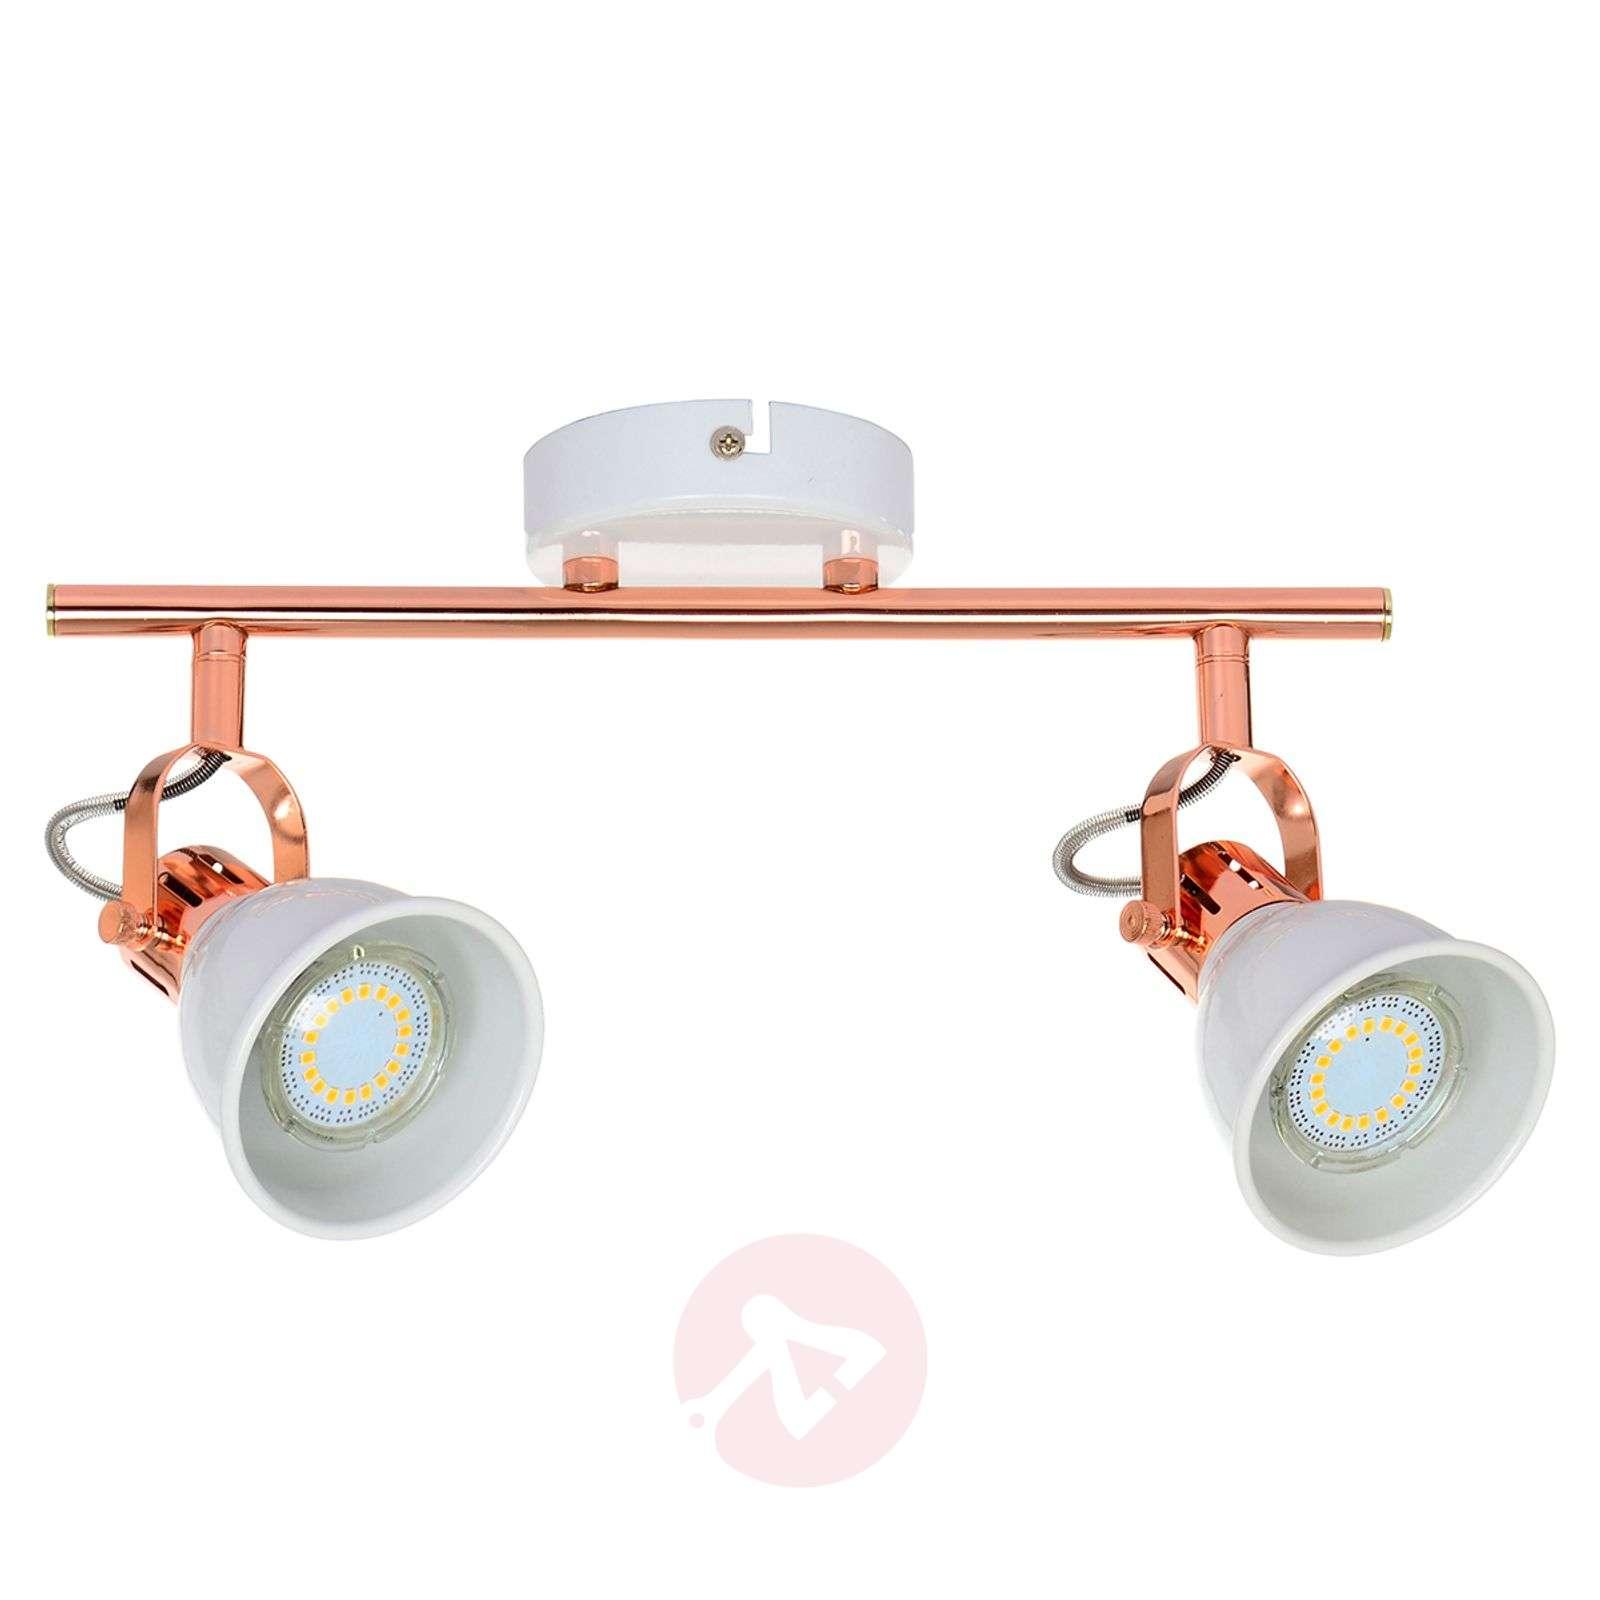 Joustava LED-kattolamppu Anita-8574234-01